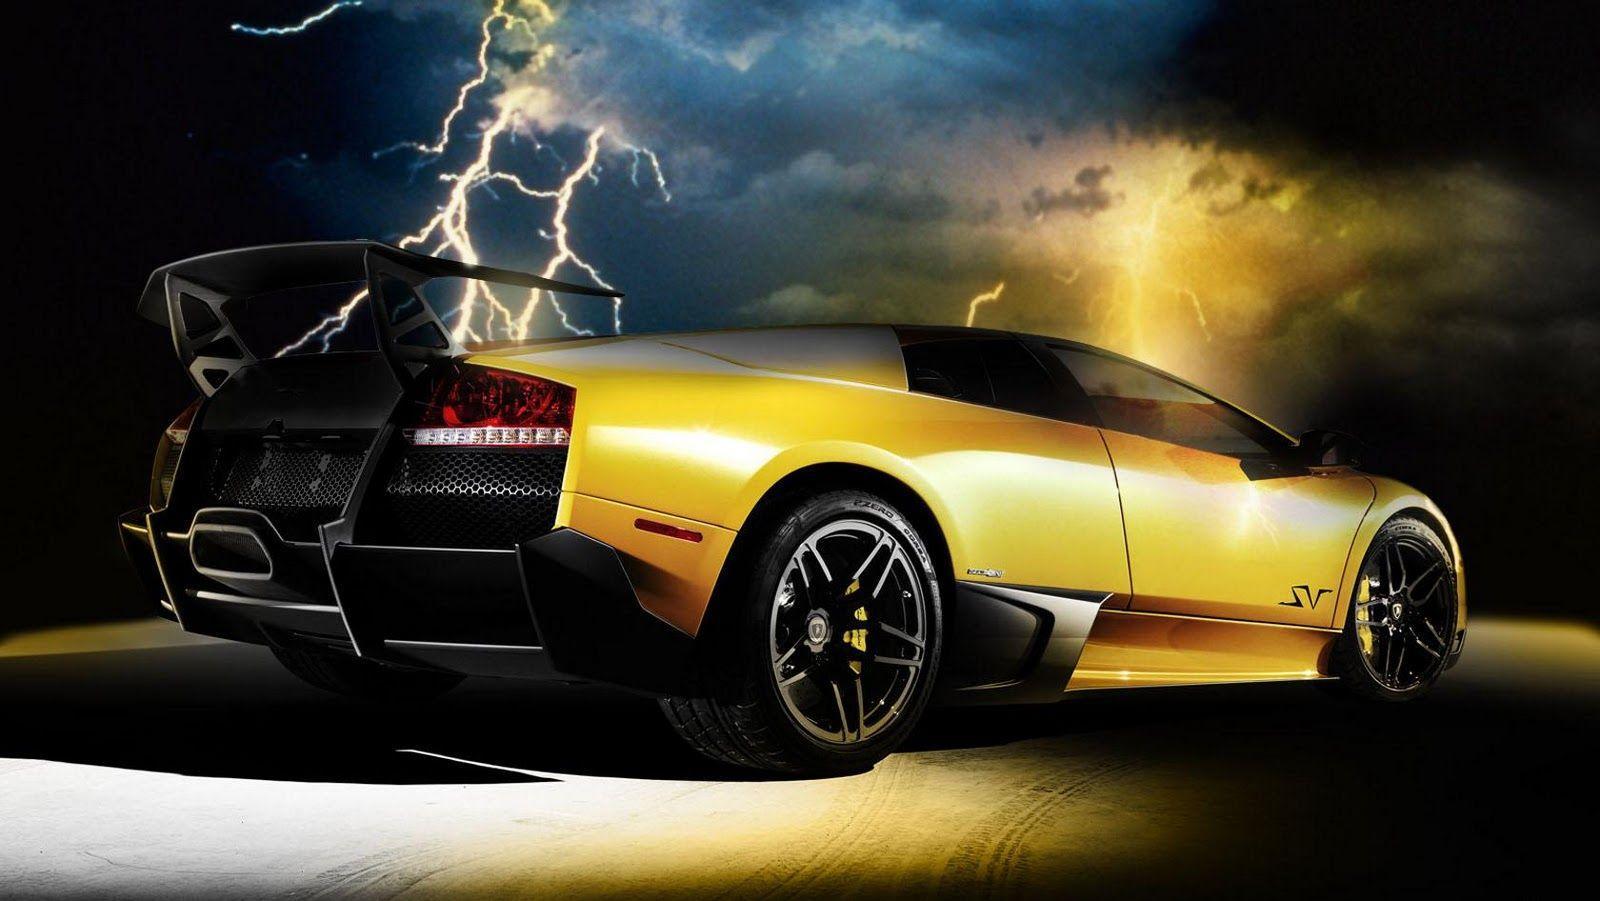 Gold Lamborghini Wallpapers Wallpaper Cave